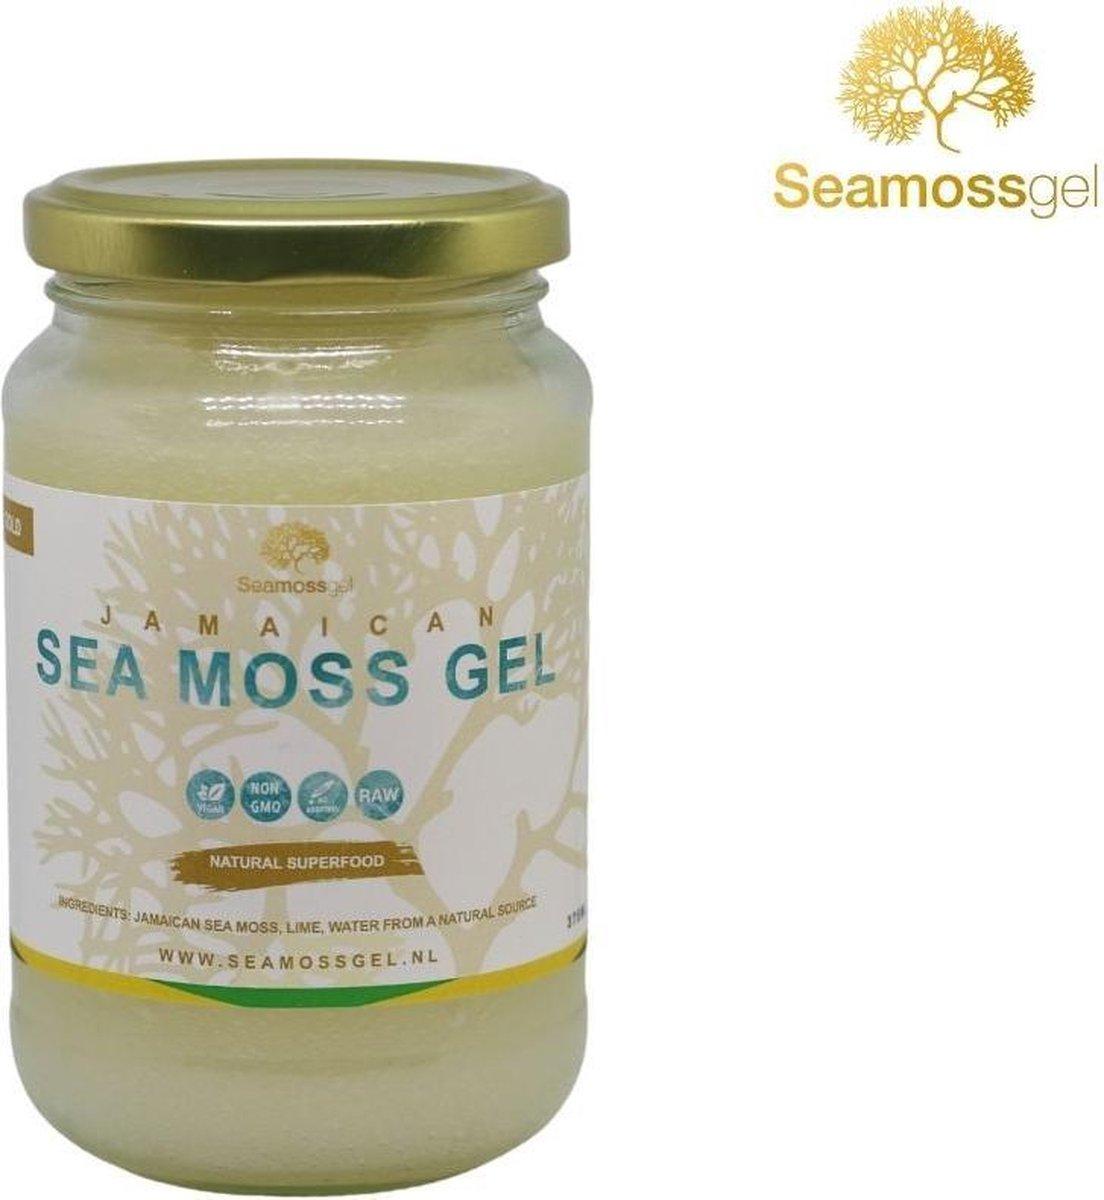 Jamaicaanse sea moss gel   Gold   Seamoss